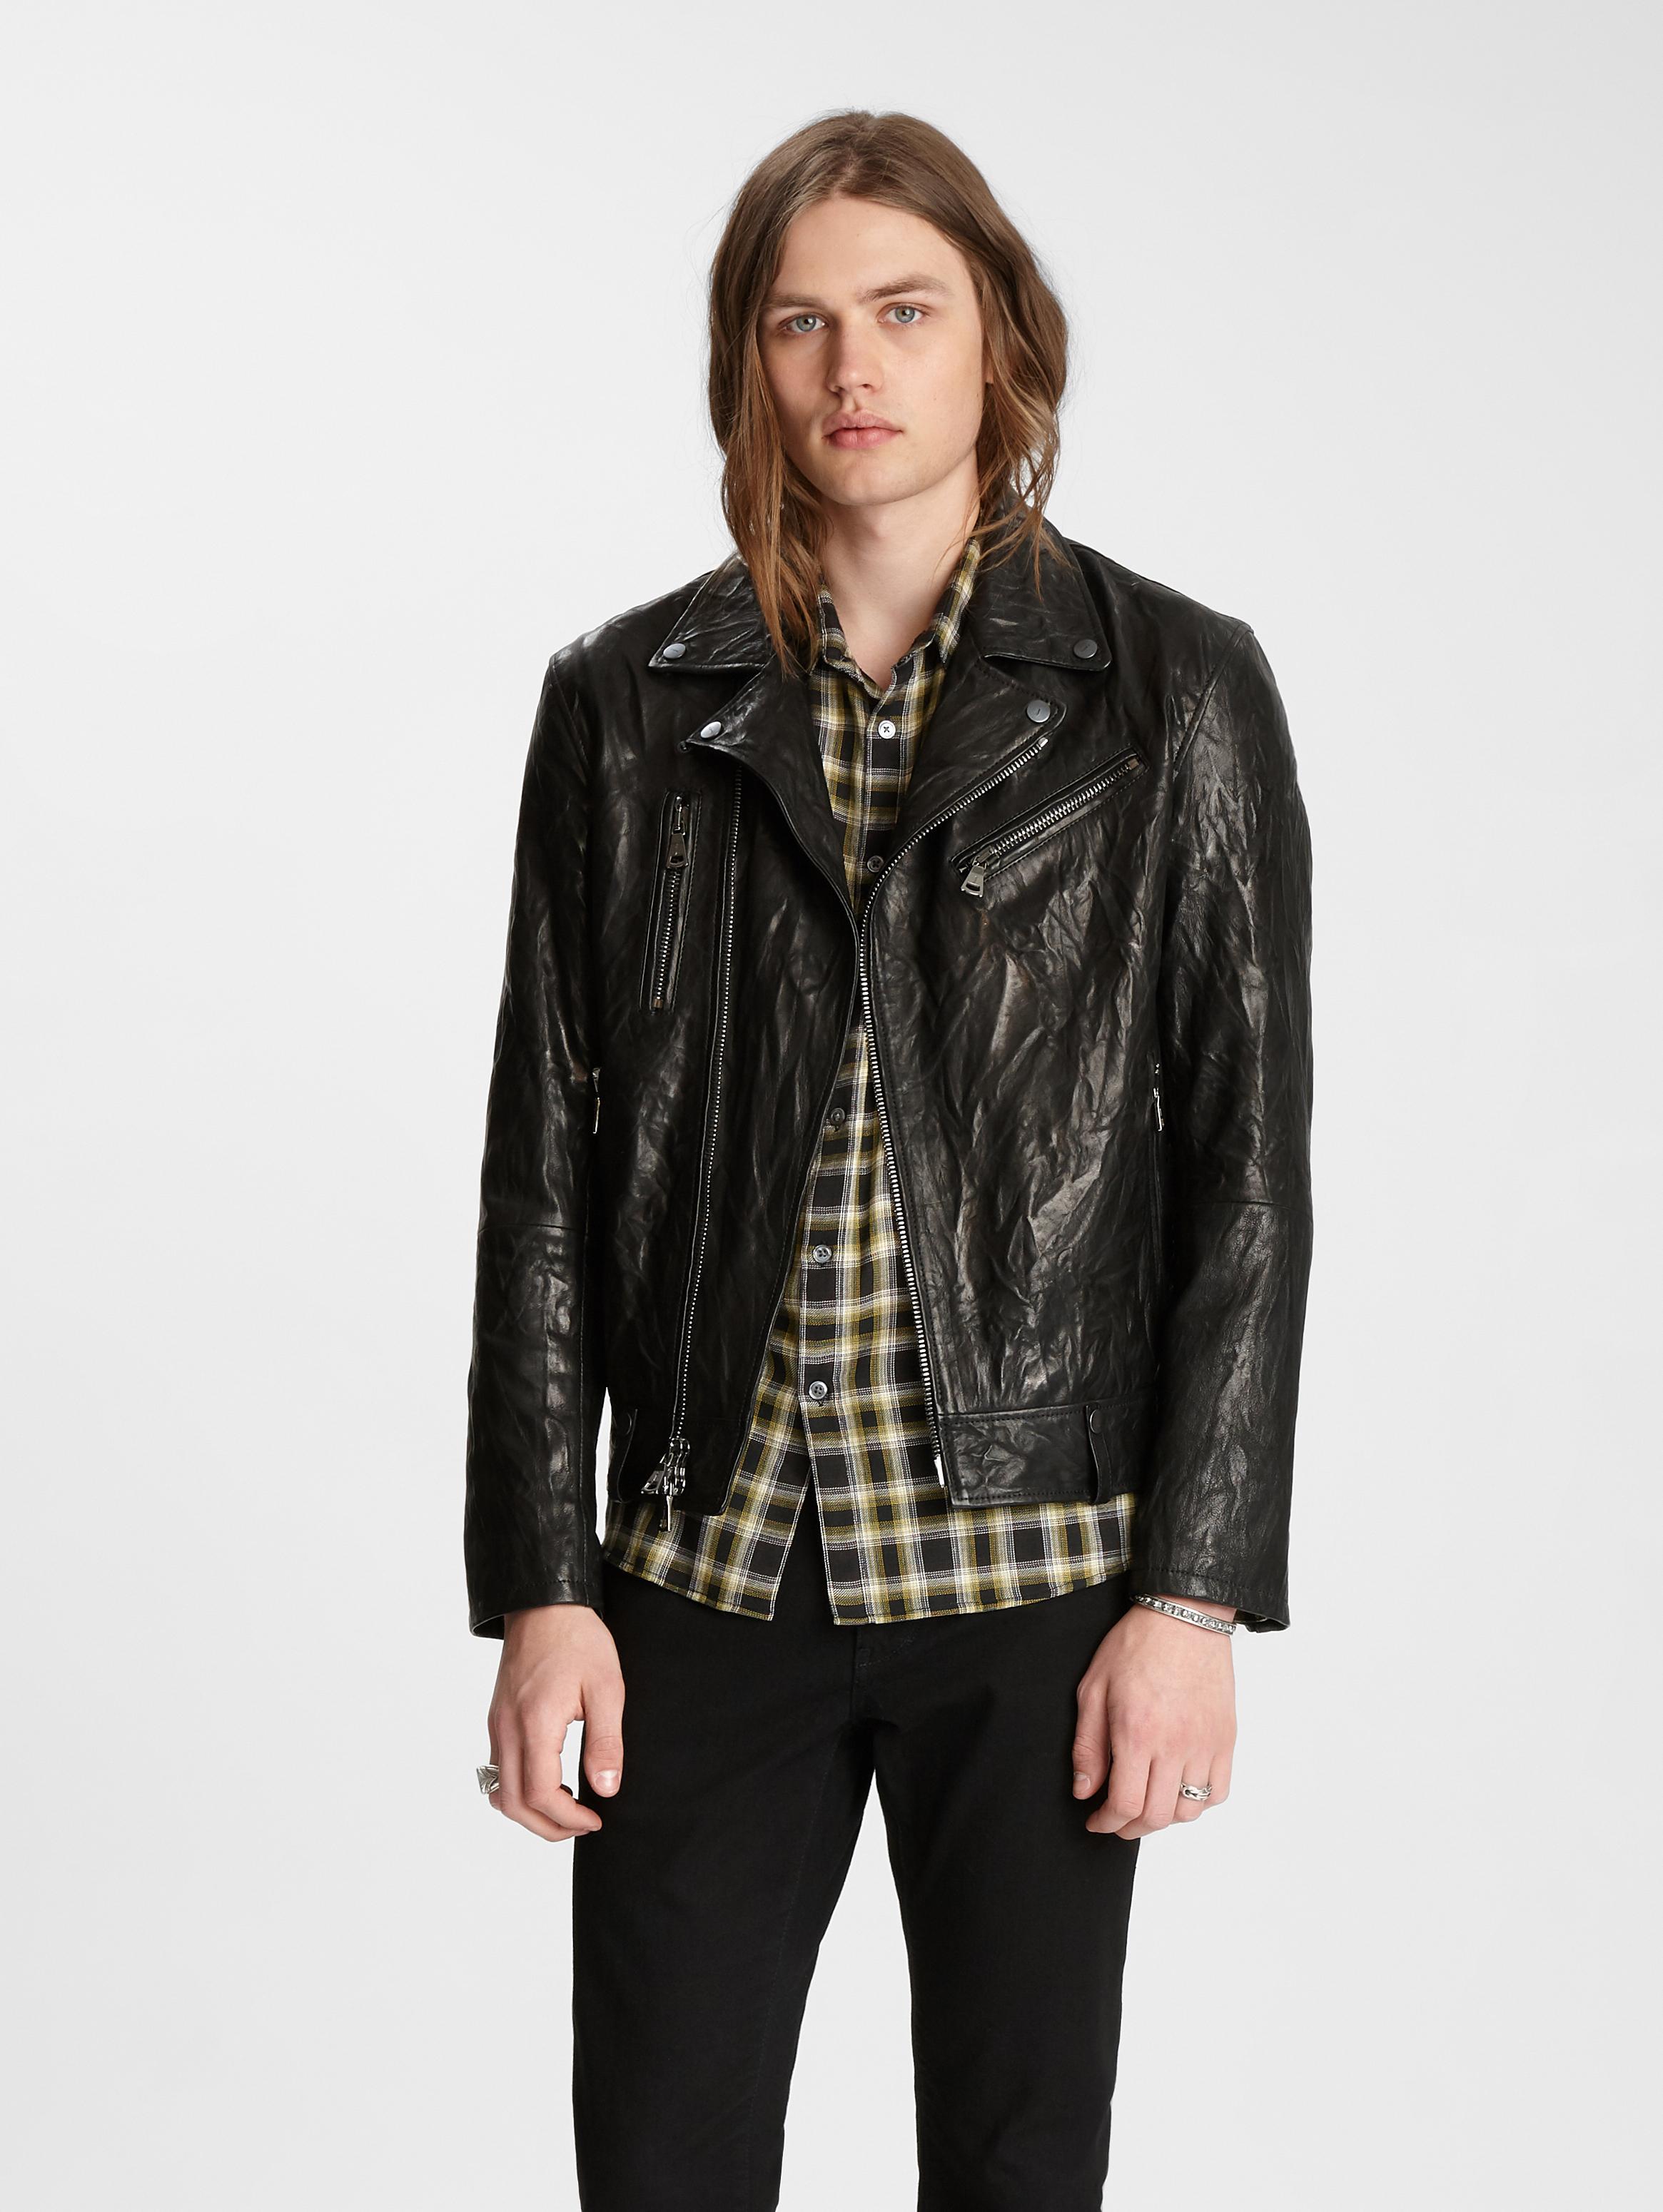 John Varvatos Artisan Biker Jacket Black